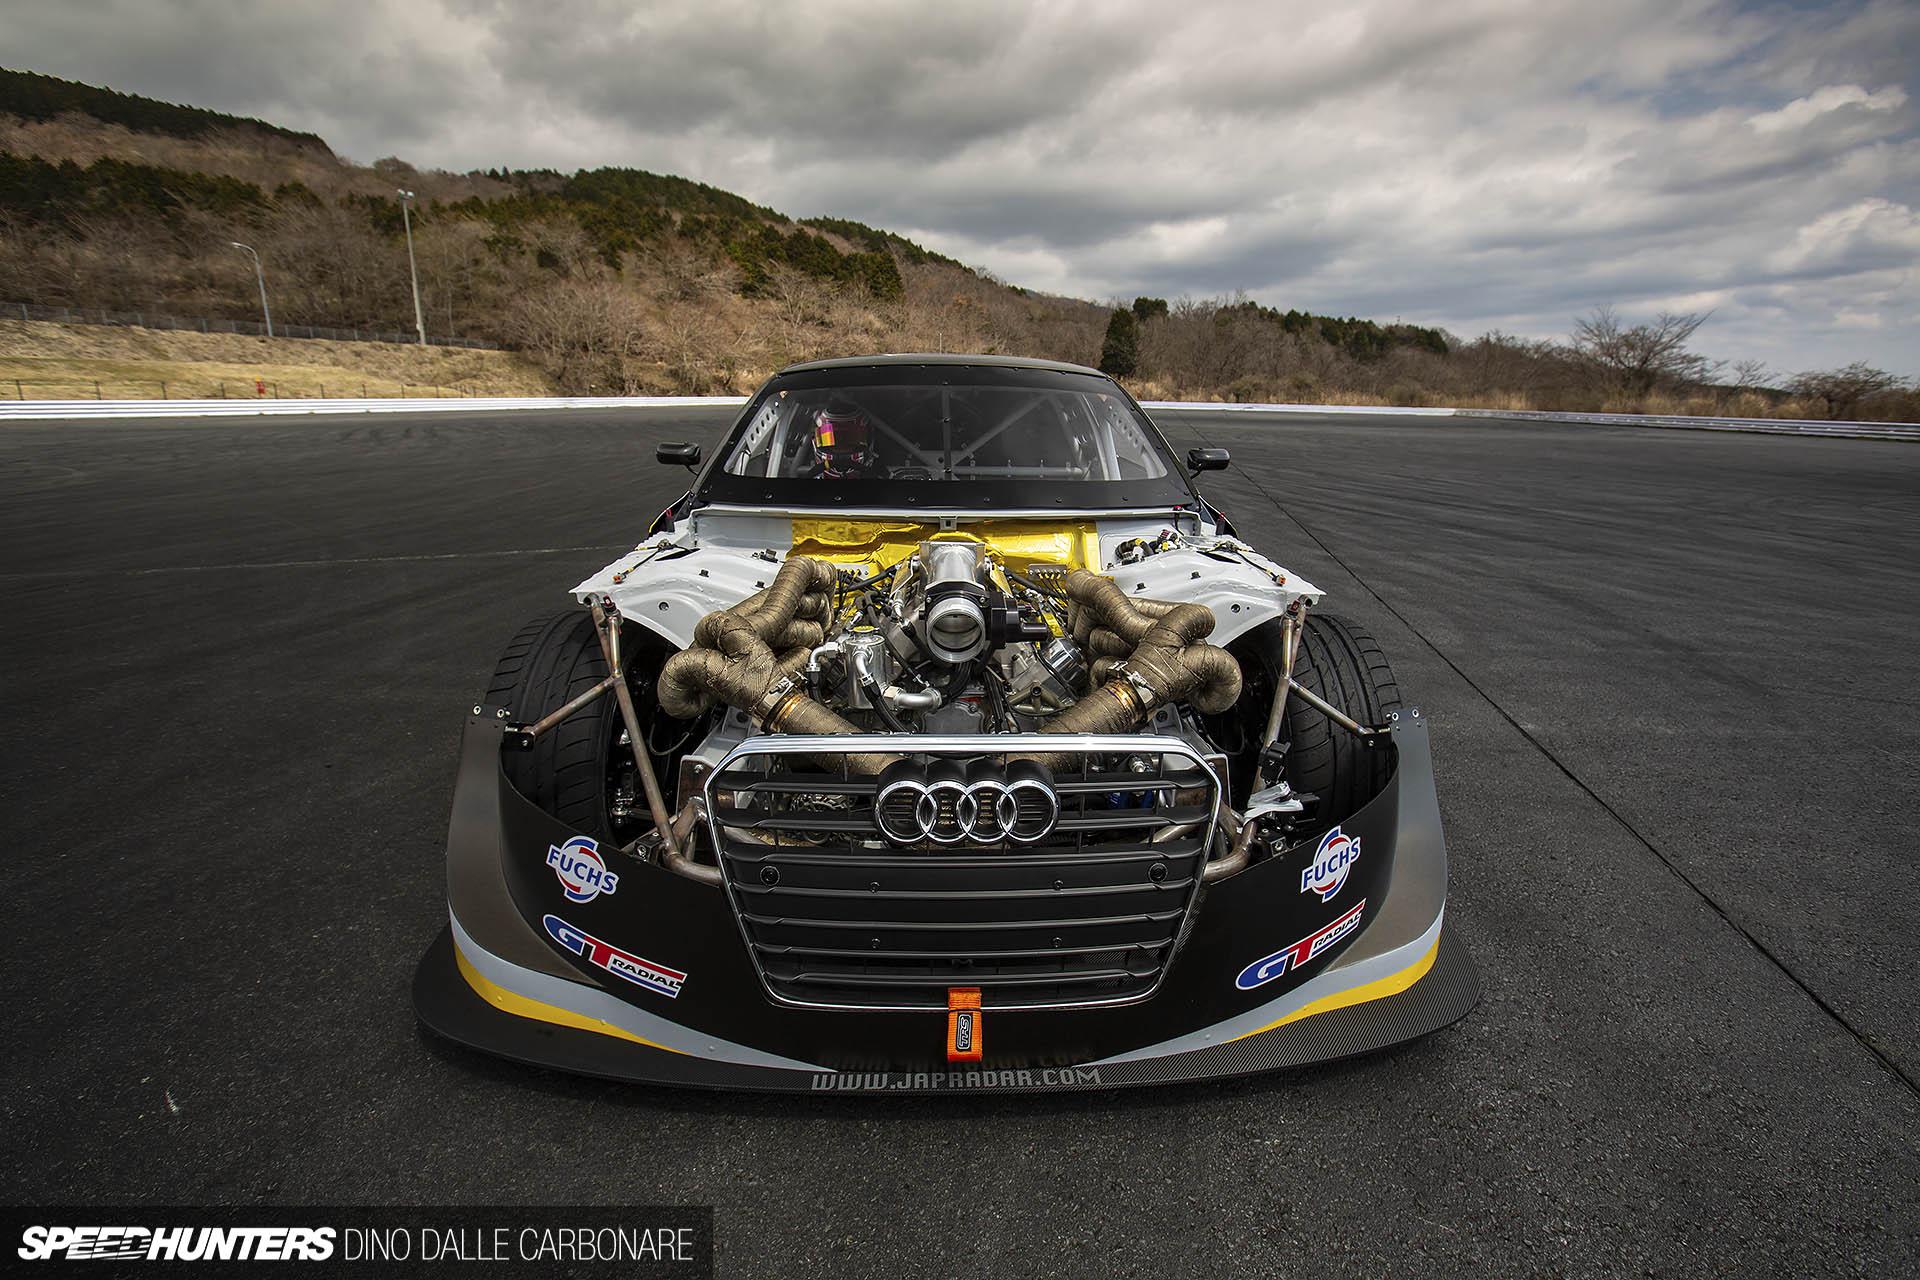 800hp In An Audi DriftCar